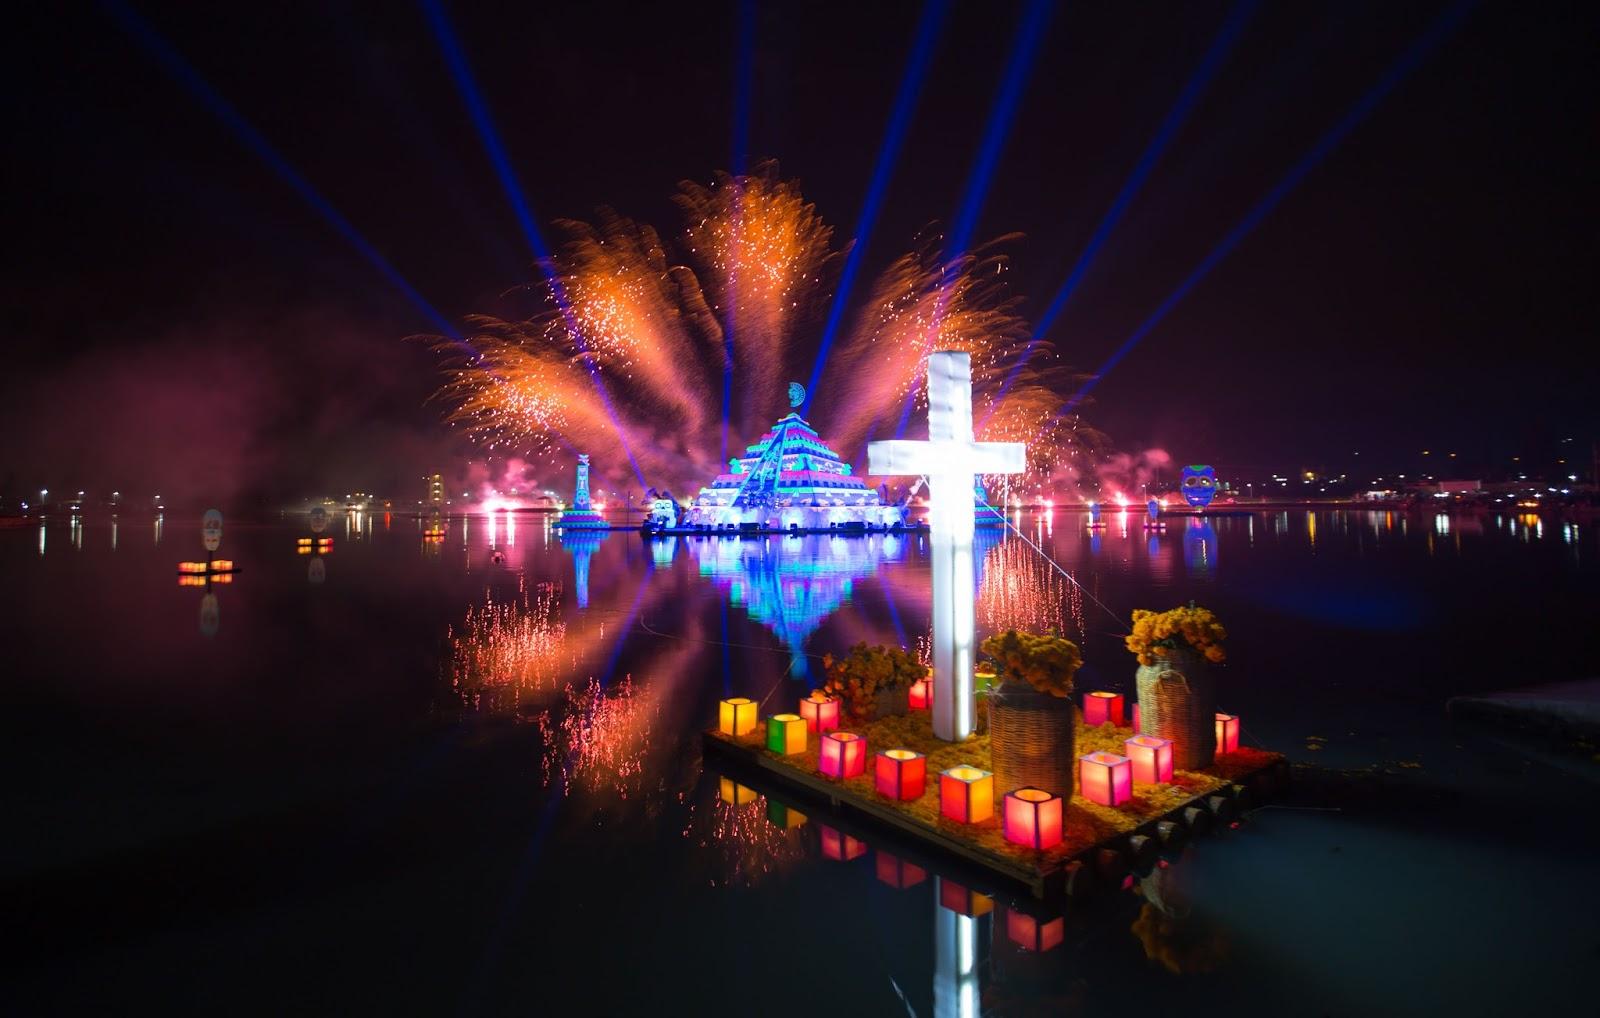 vista del festival de la luz y la vida